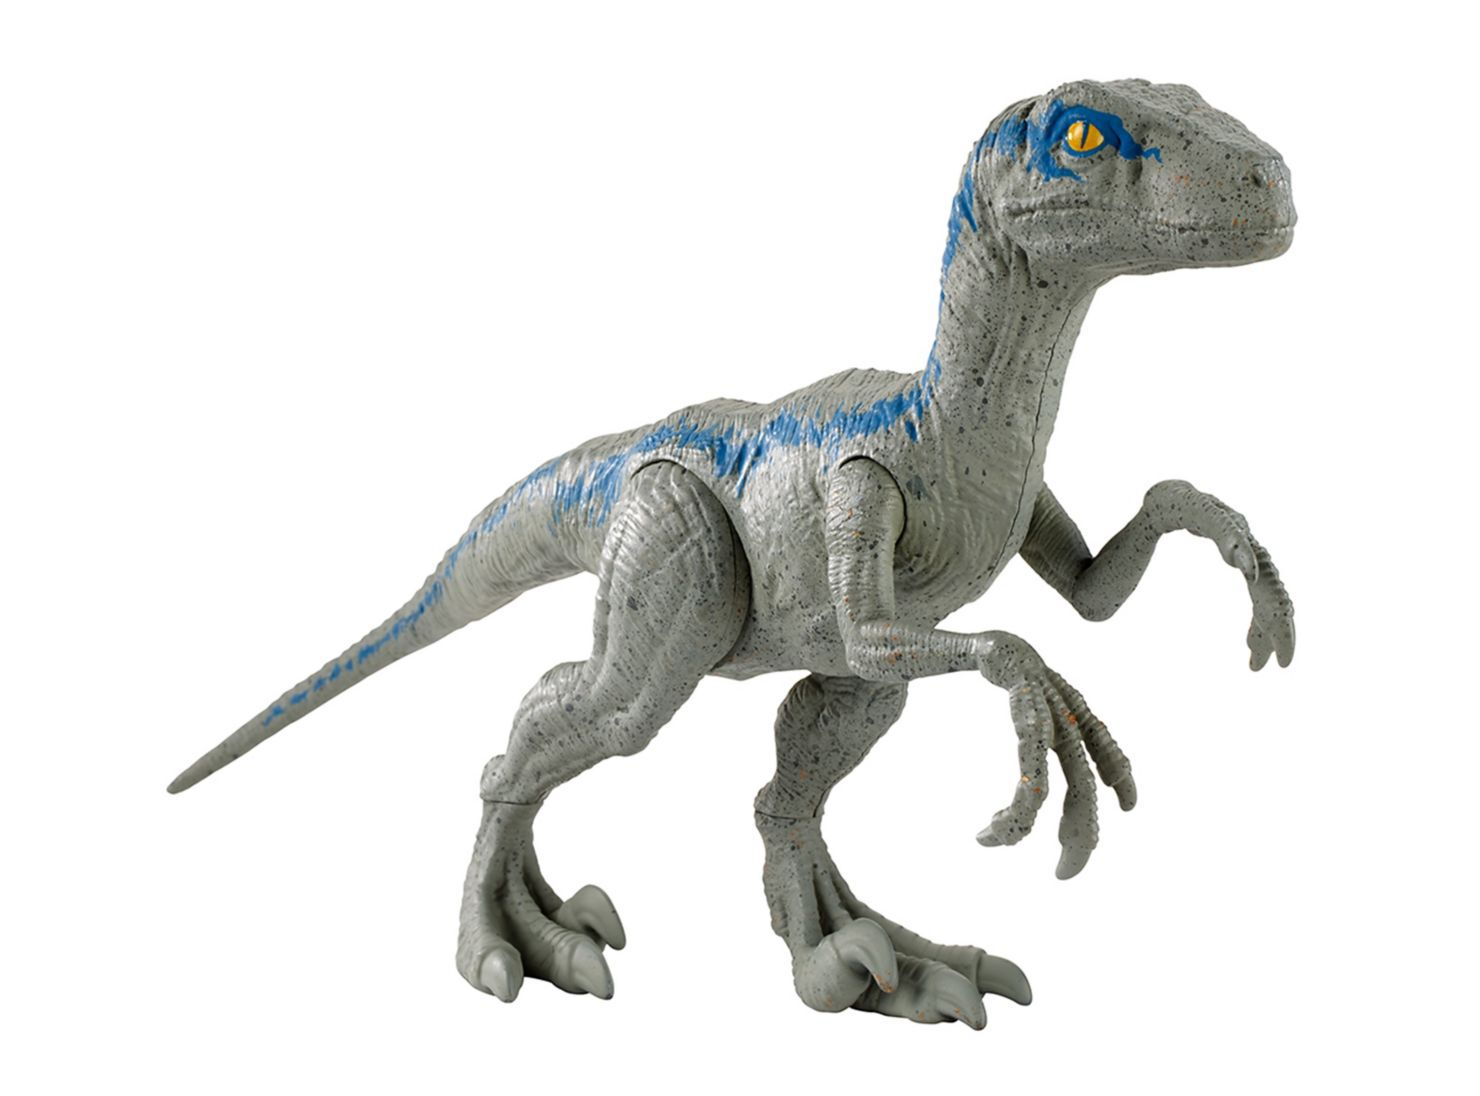 Dinosaurio Velociraptor Blue Jurassic World Juegos De Accion Paris Cl Contrariamente a lo que las películas y la televisión podrían sugerir, estos dinosaurios. dinosaurio velociraptor blue jurassic world